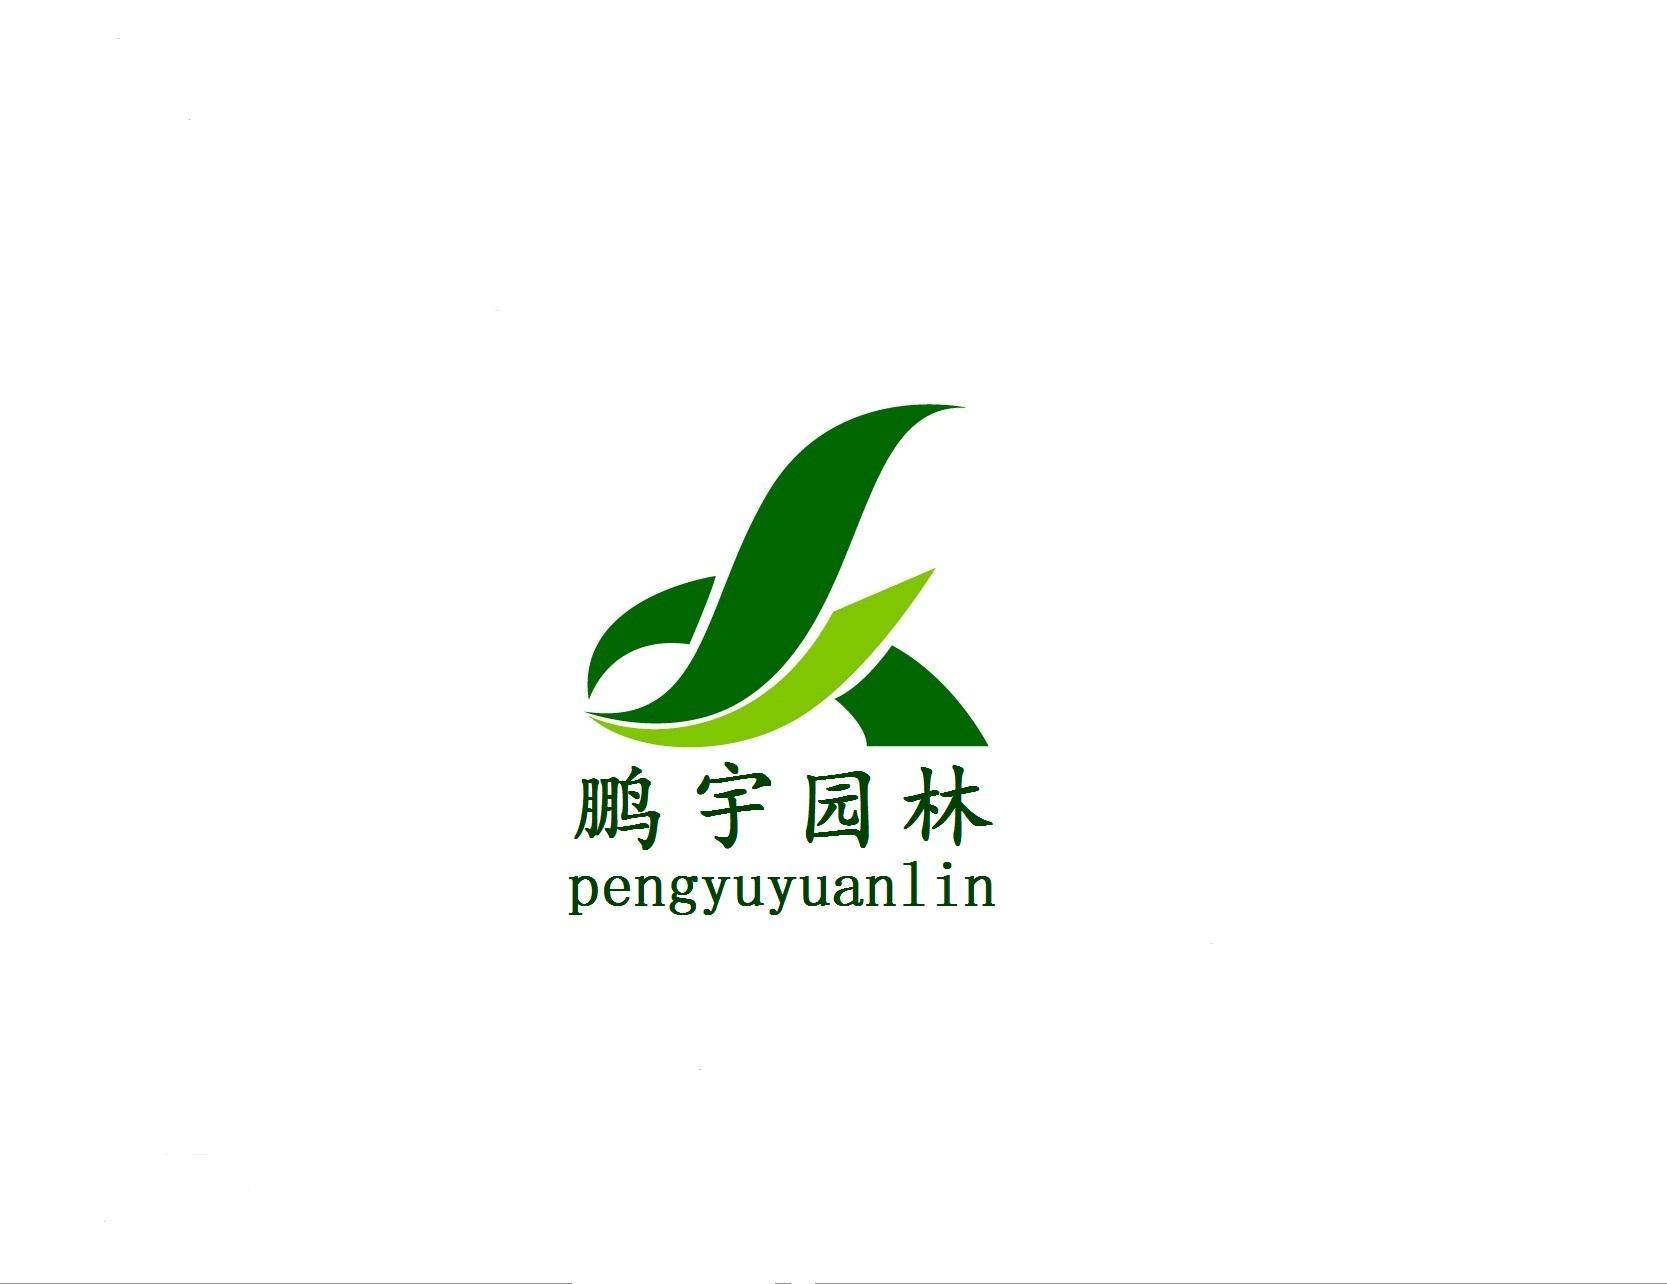 国家园林城市logo